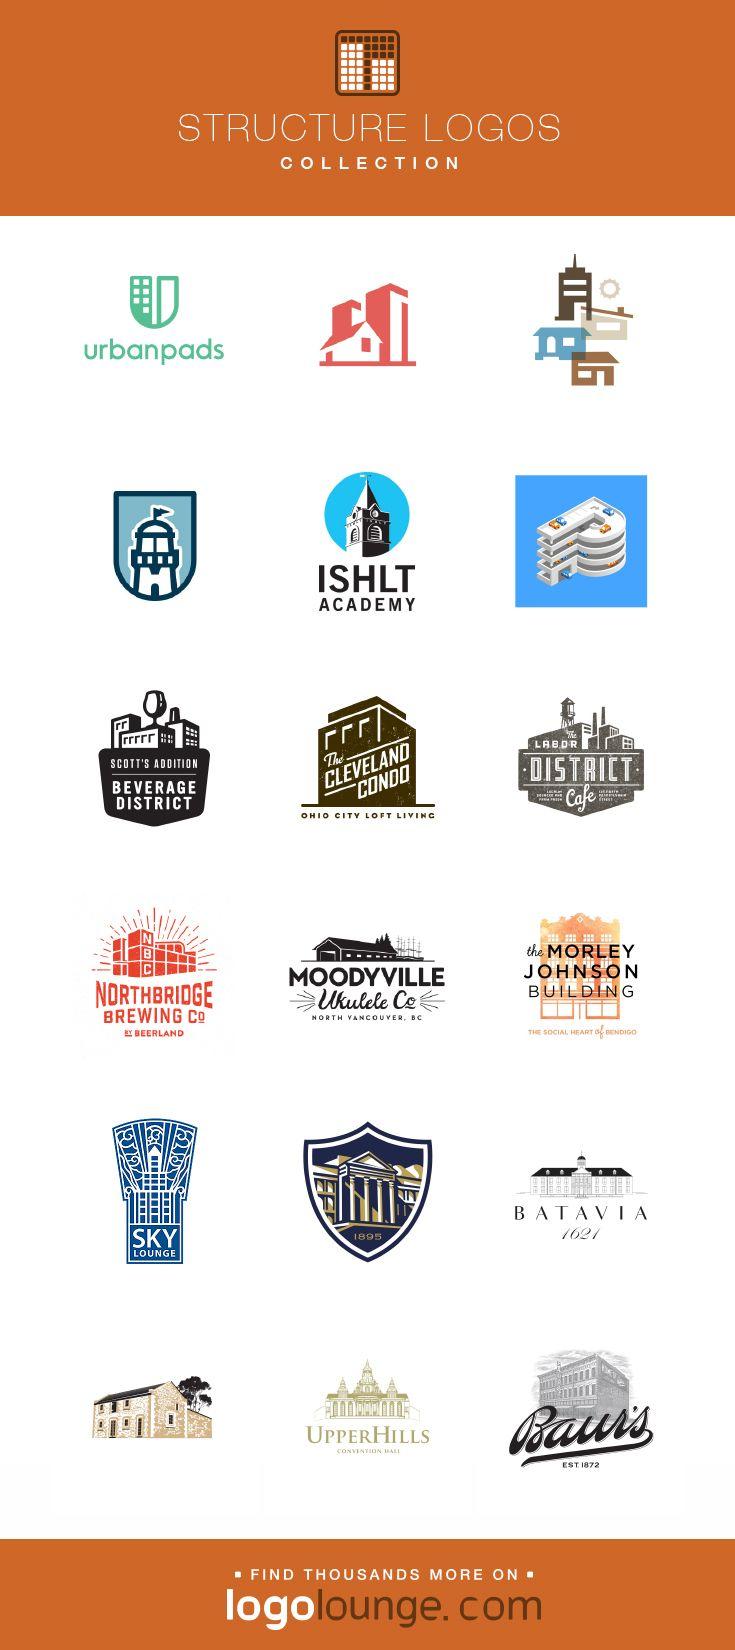 Introducing Your Book 12 Jurors City Logos Design Logos Design Graphic Design Logo